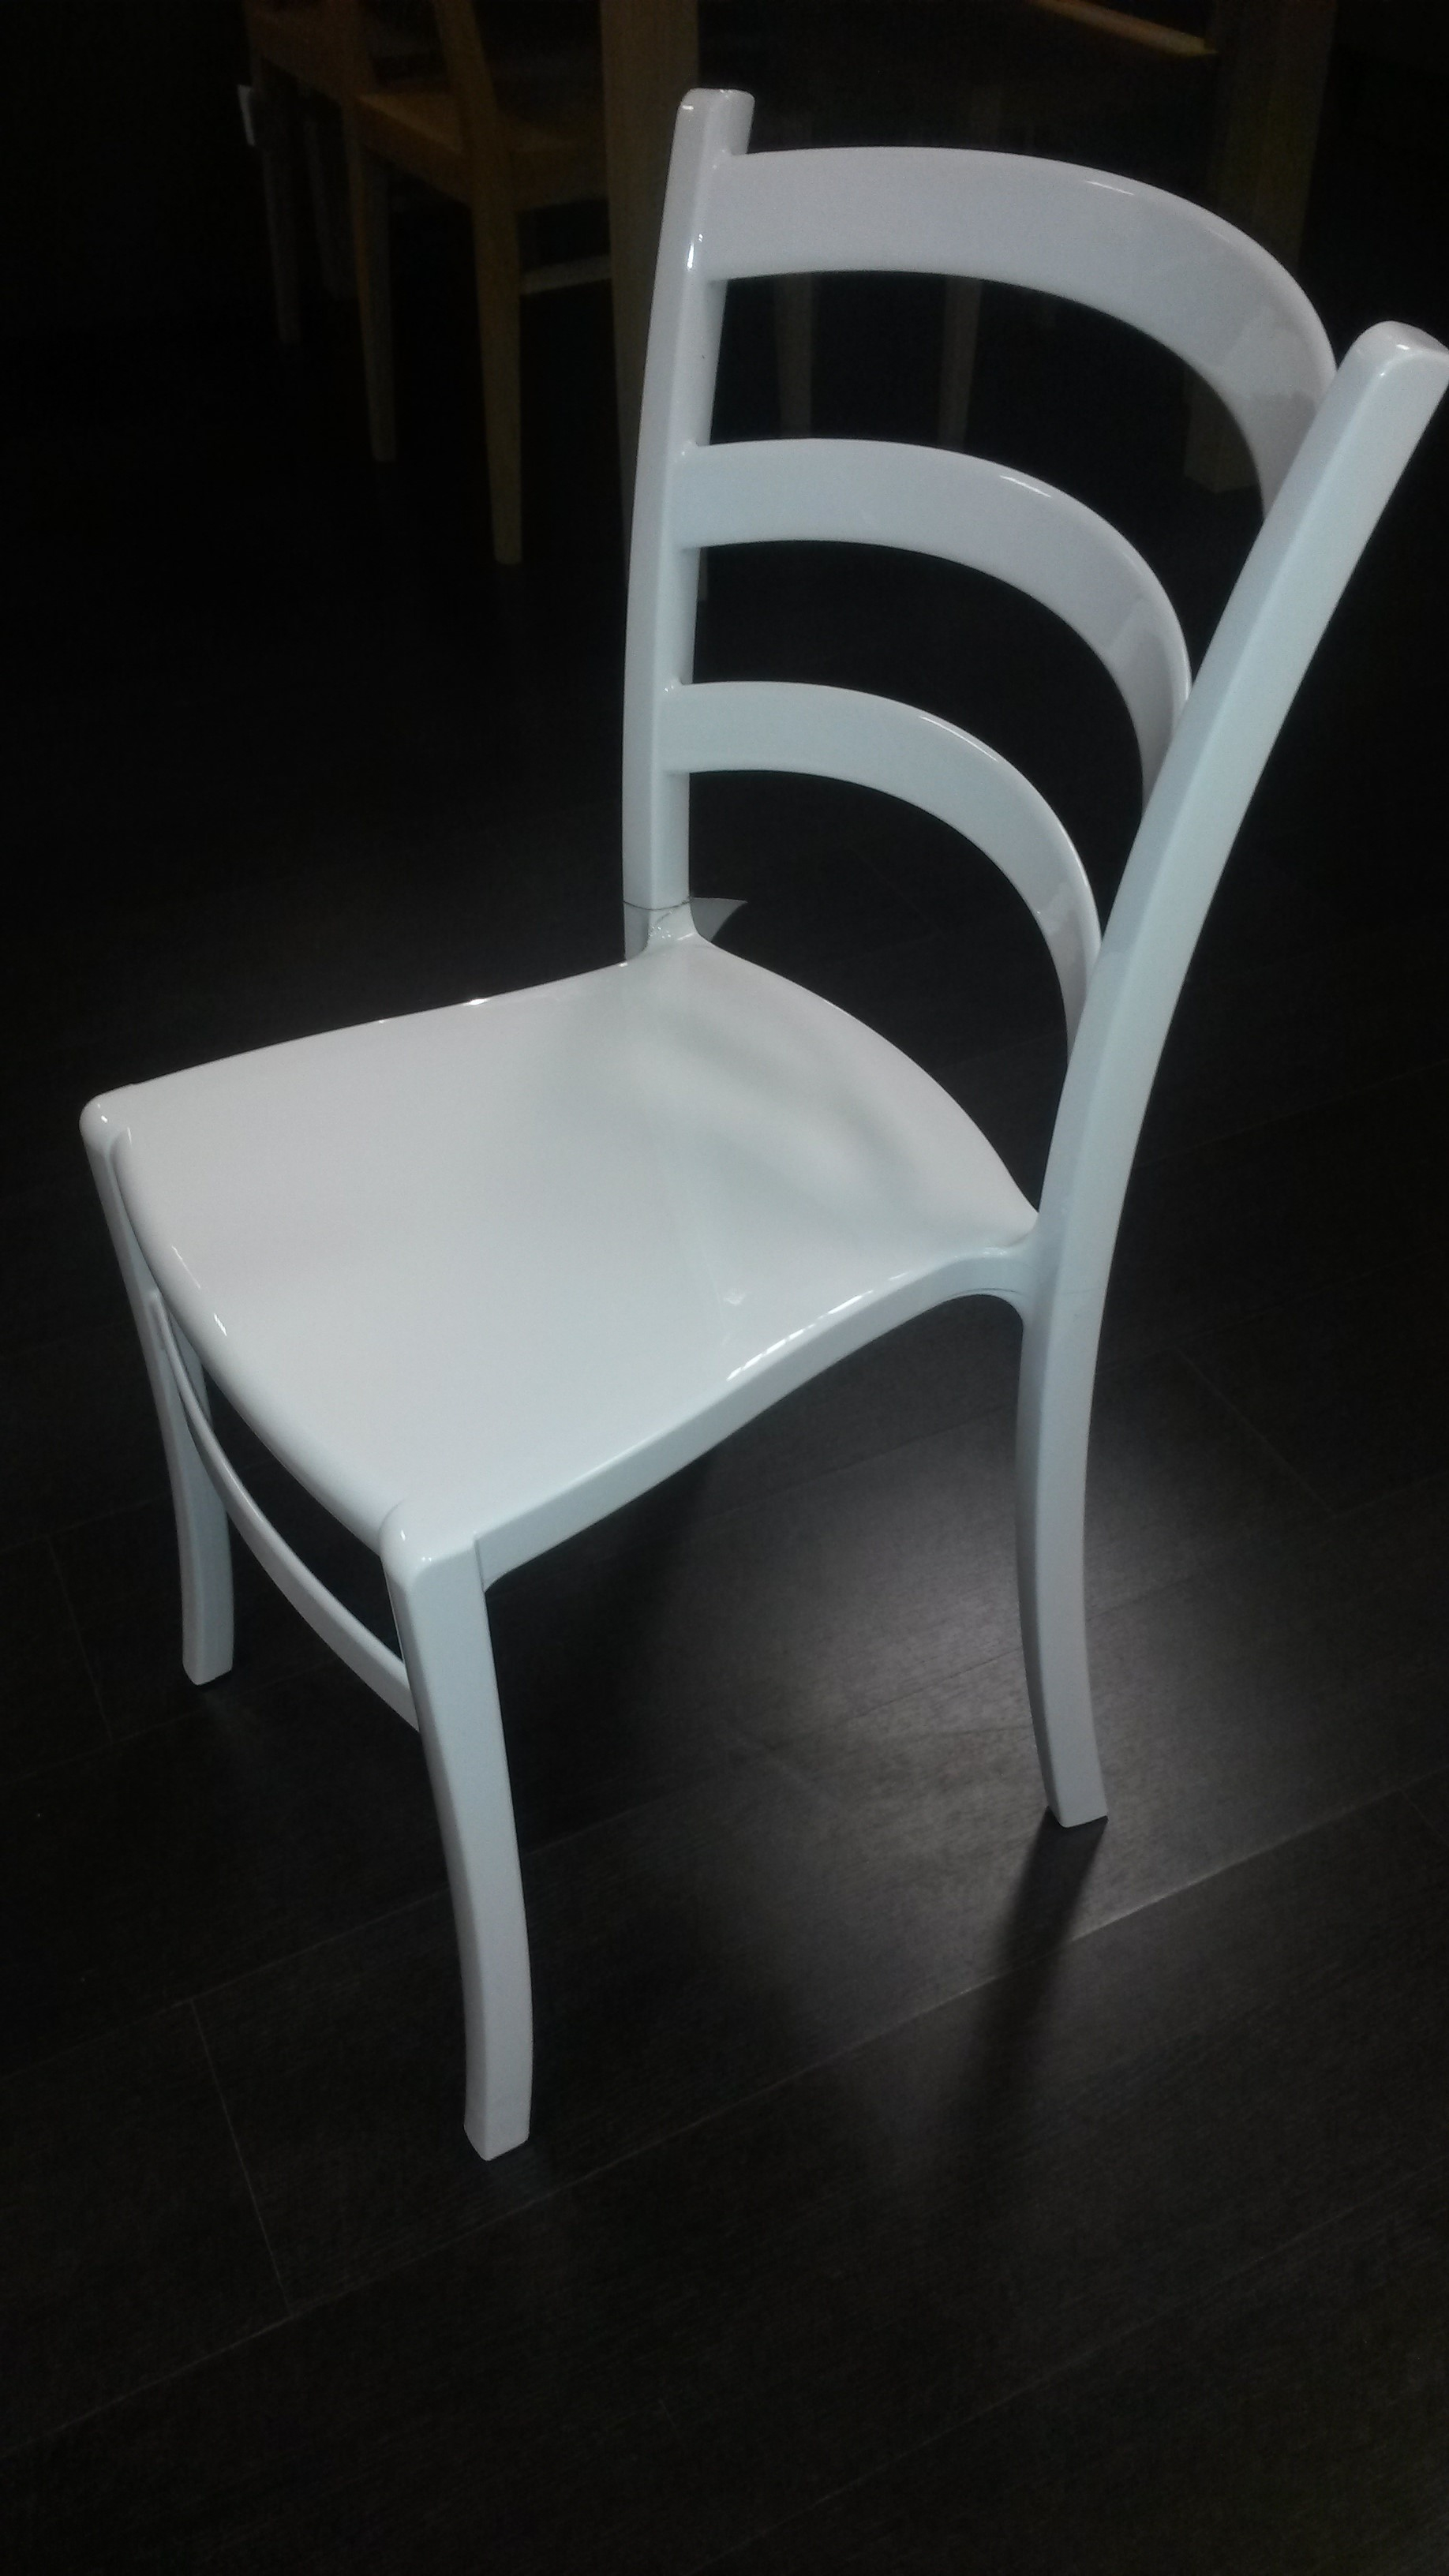 Sedia colico italia 150 sedie a prezzi scontati for Colico sedie outlet